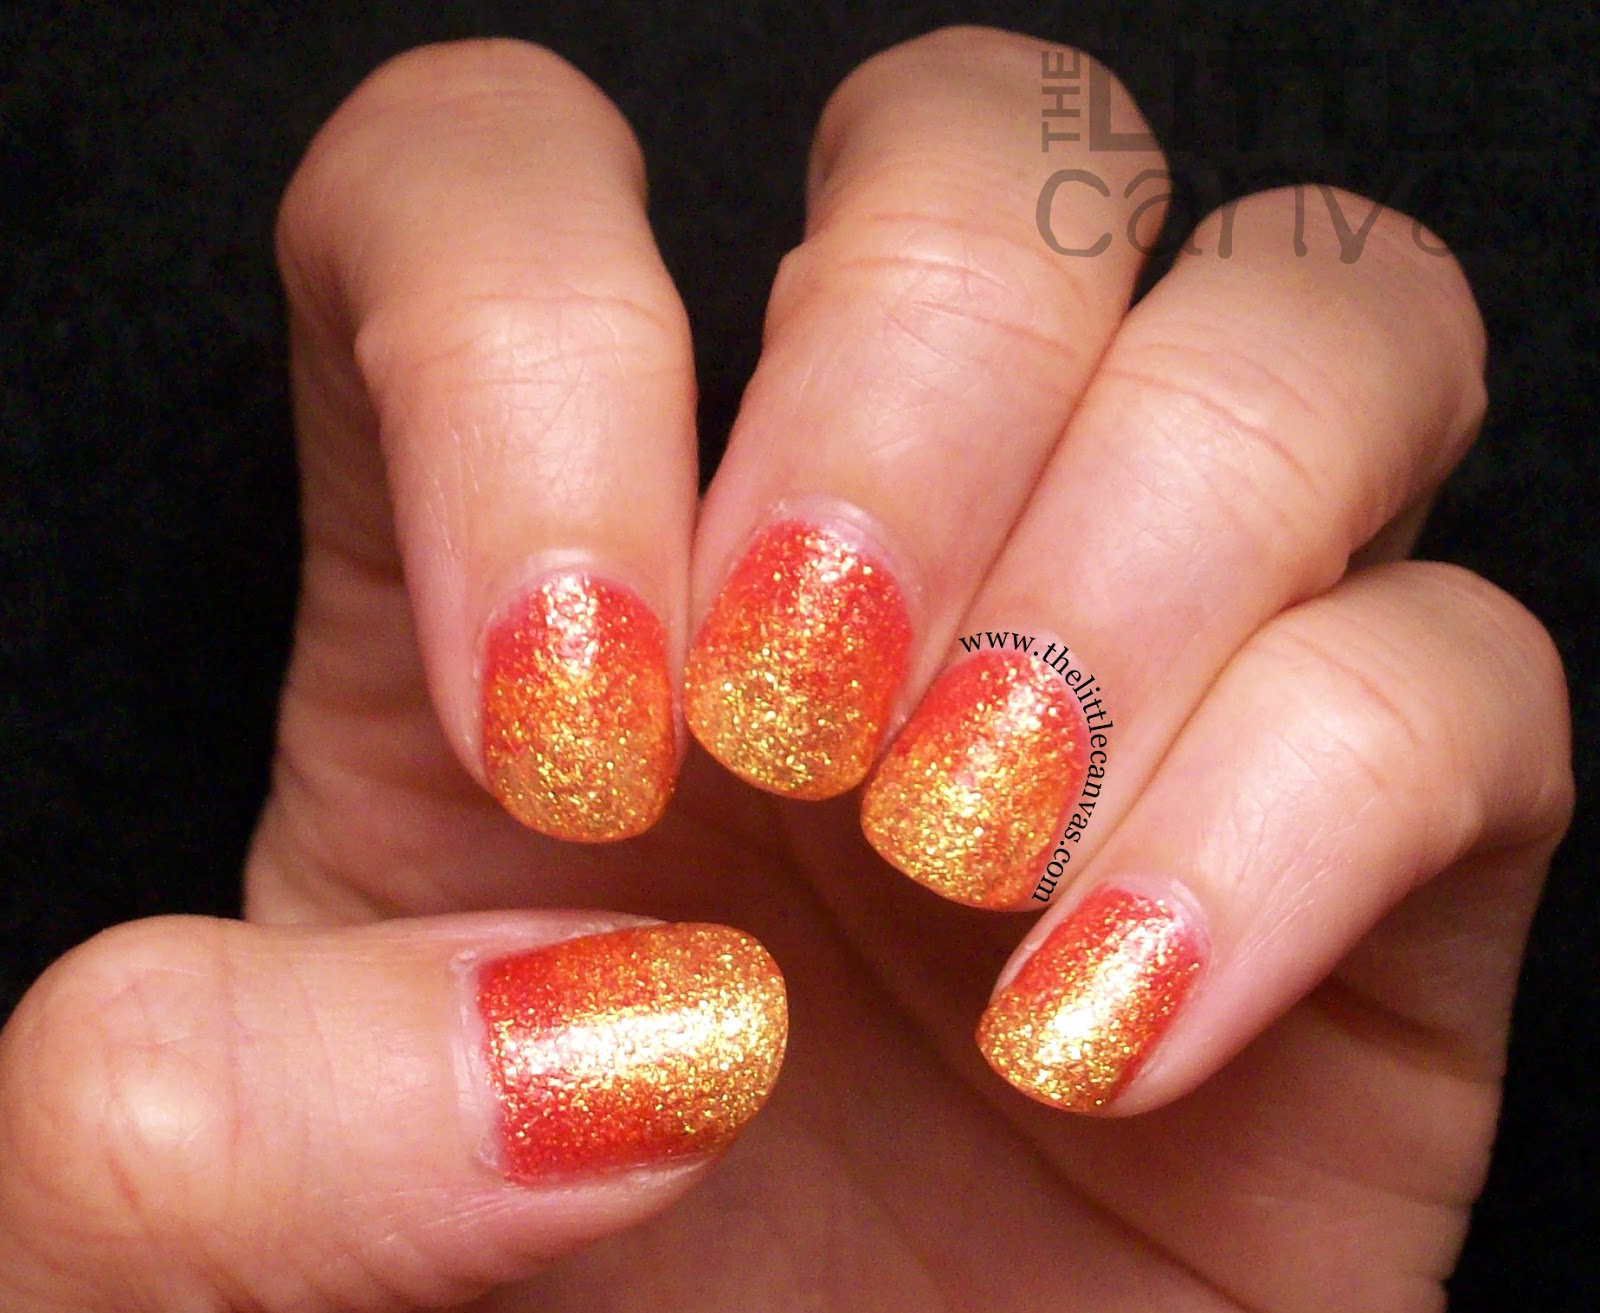 Zoya Pixie Dust Fire Gradient Nails - The Little Canvas